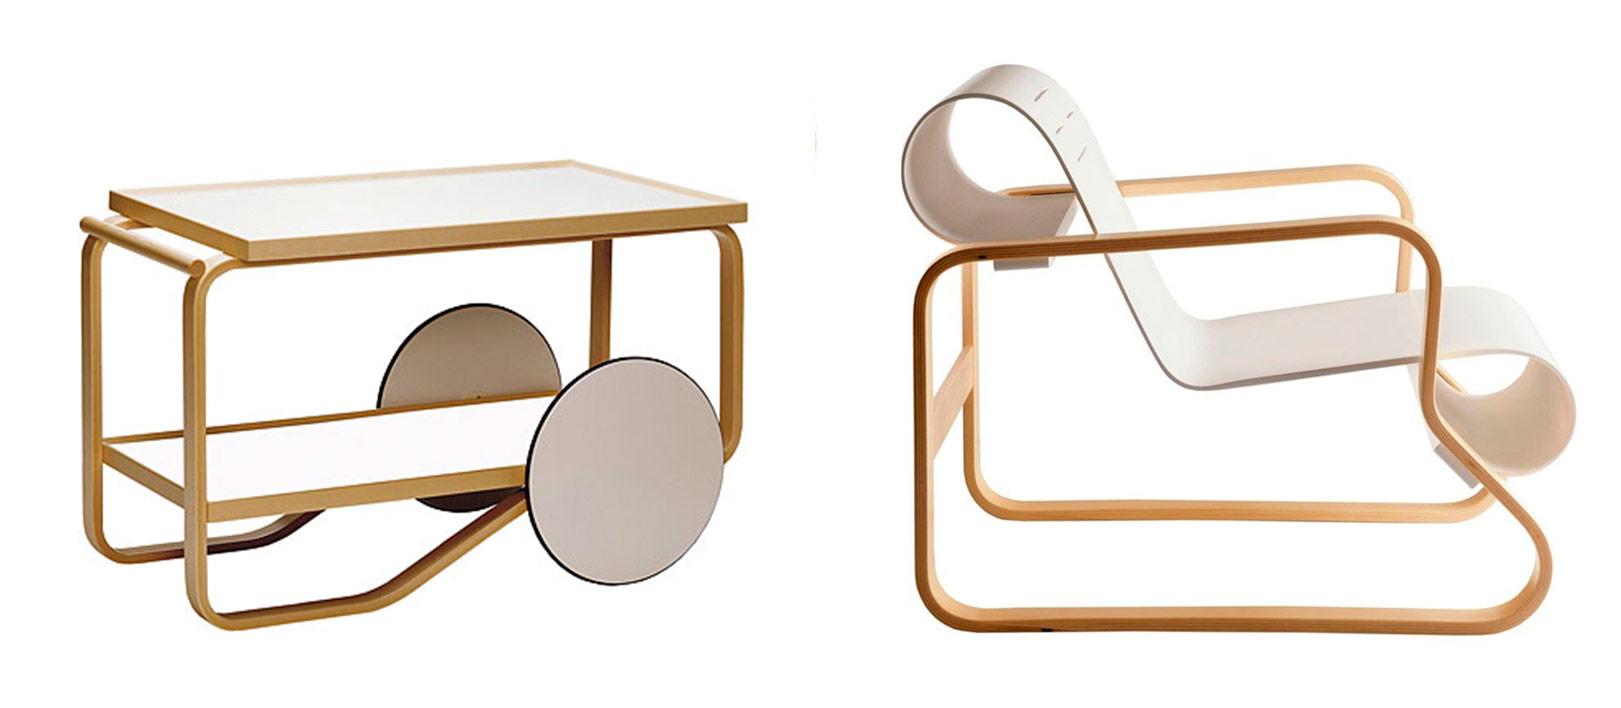 alvar aalto vase eine hommage an eine architekturlegende. Black Bedroom Furniture Sets. Home Design Ideas